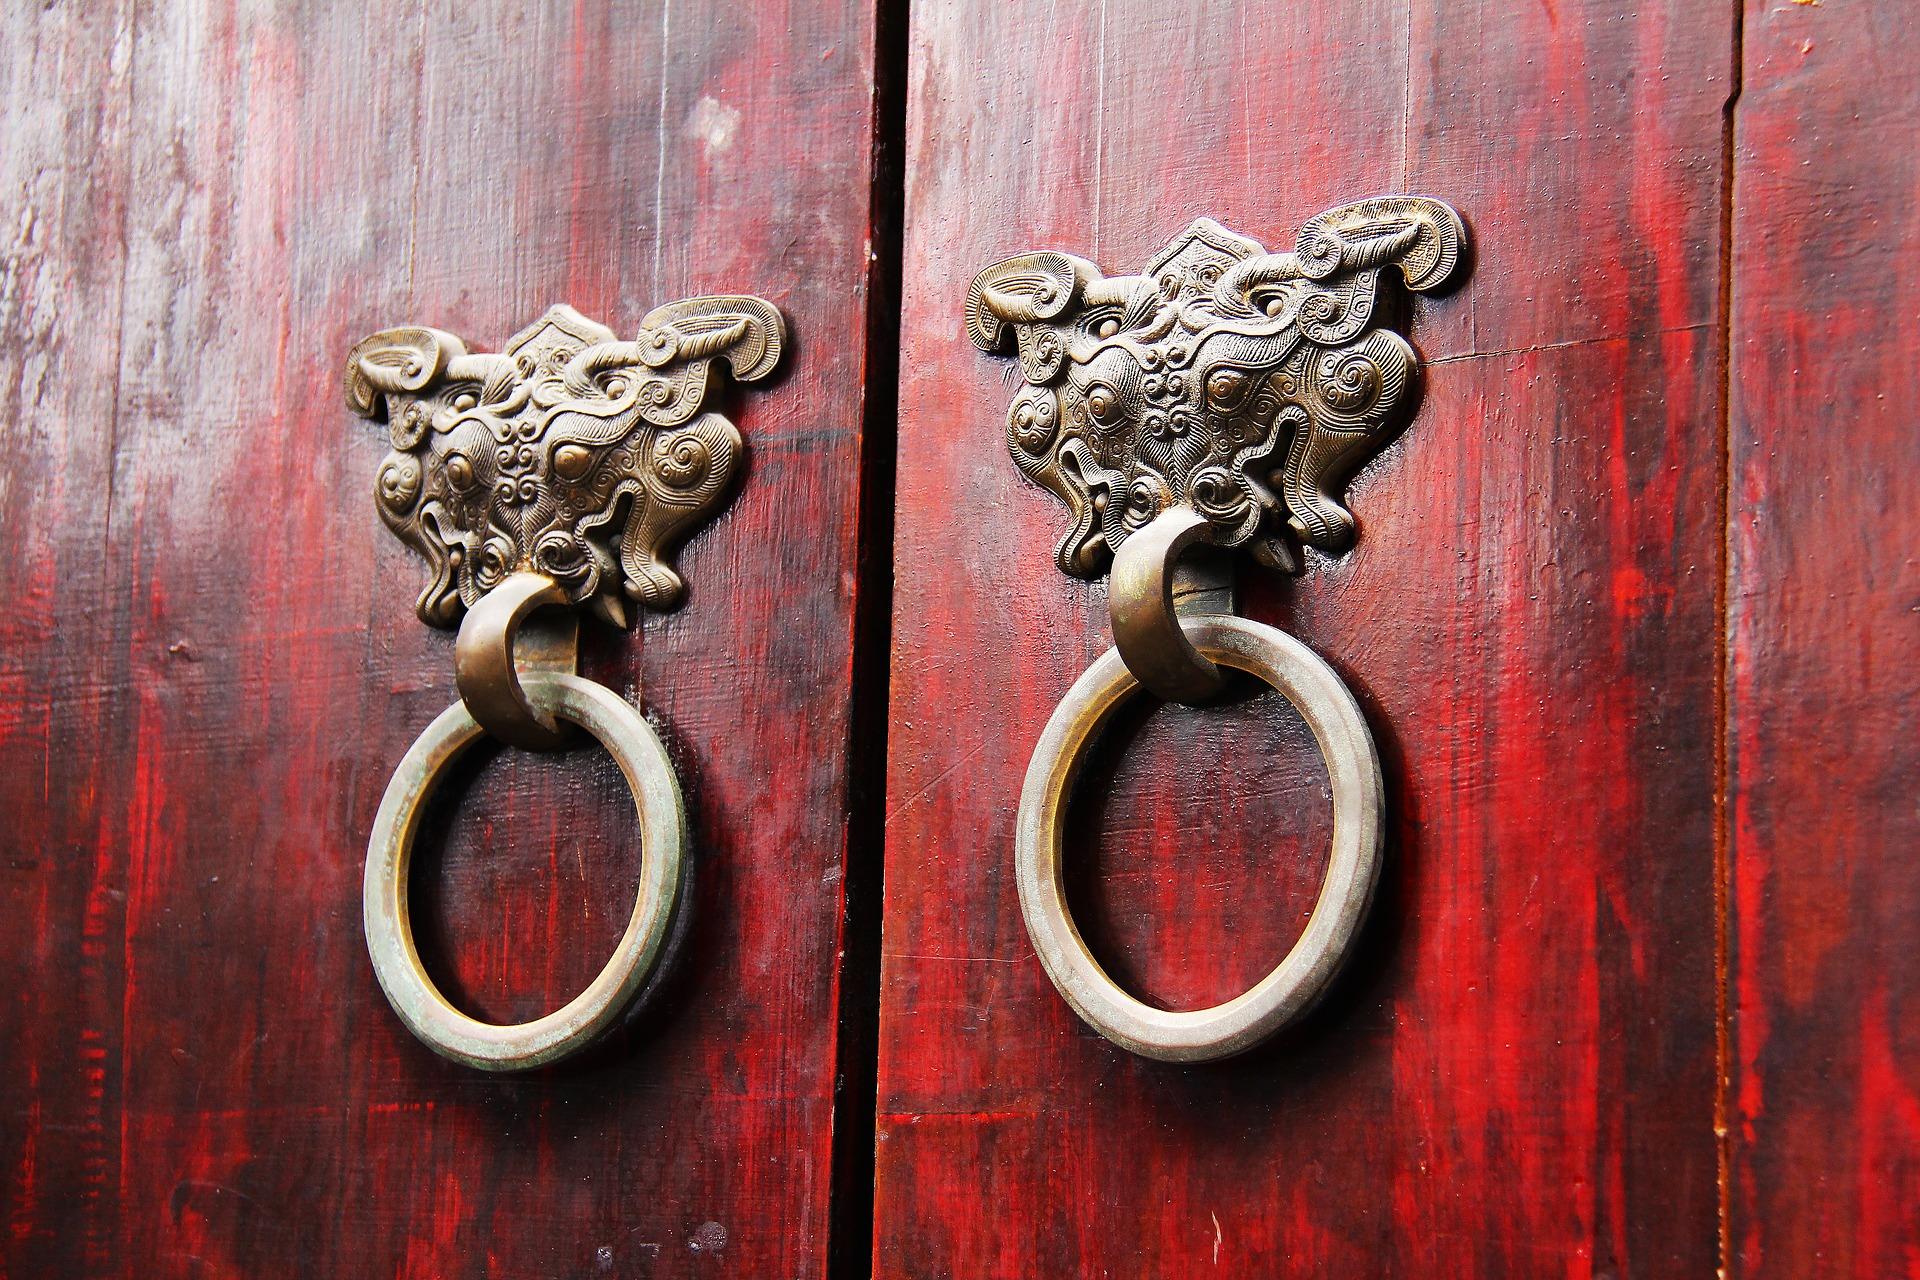 wood-door-1711004_1920.jpg